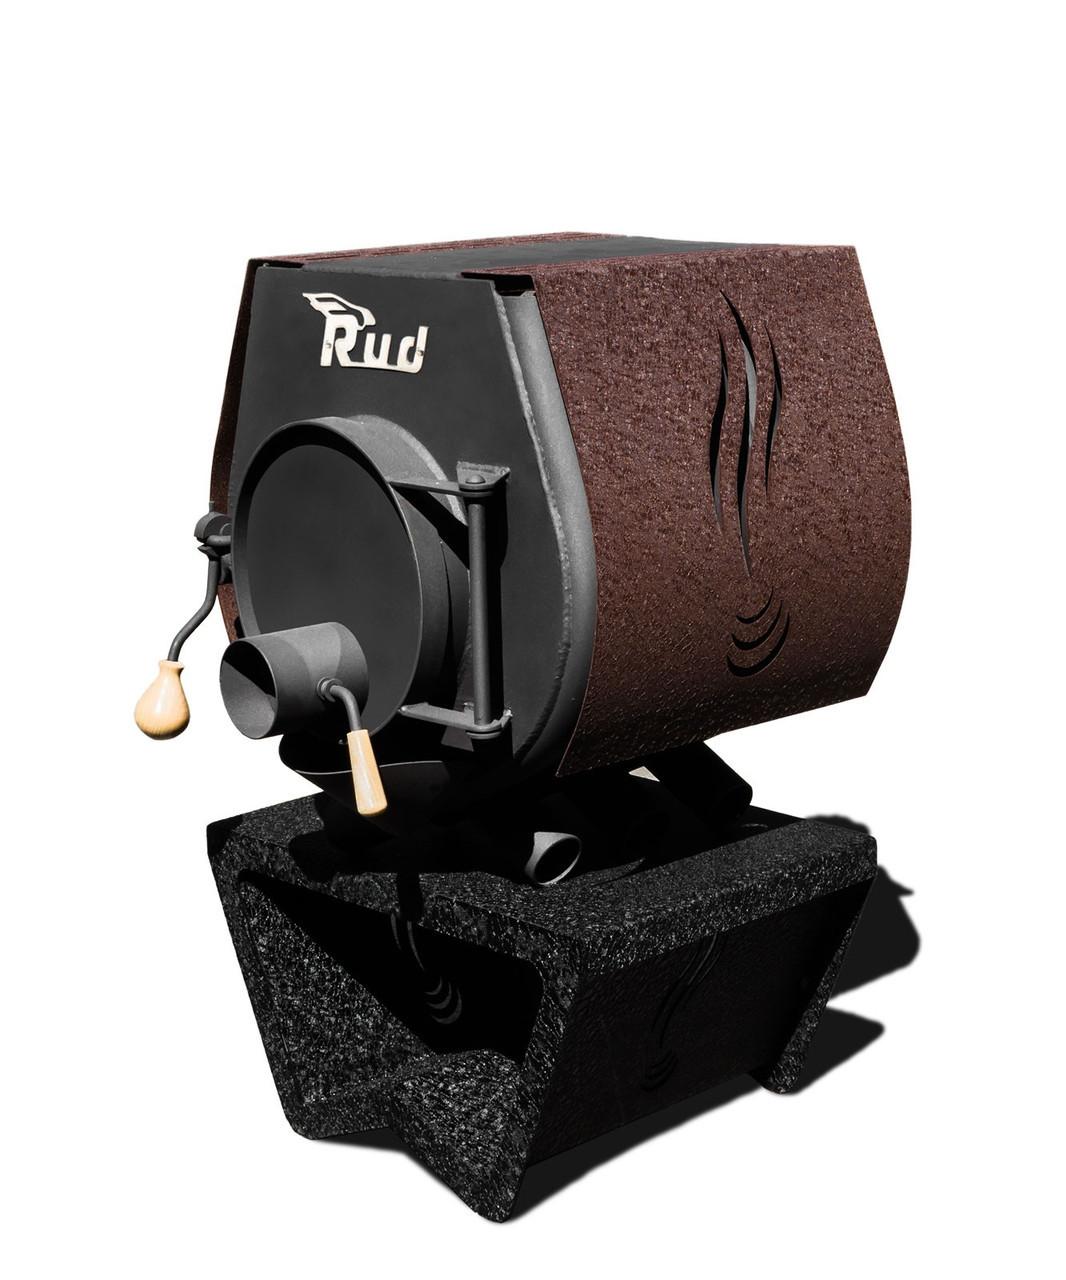 Отопительная конвекционная печь Rud Pyrotron Кантри 00 с варочной поверхностью. Отапливаемая площадь 40 кв.м.